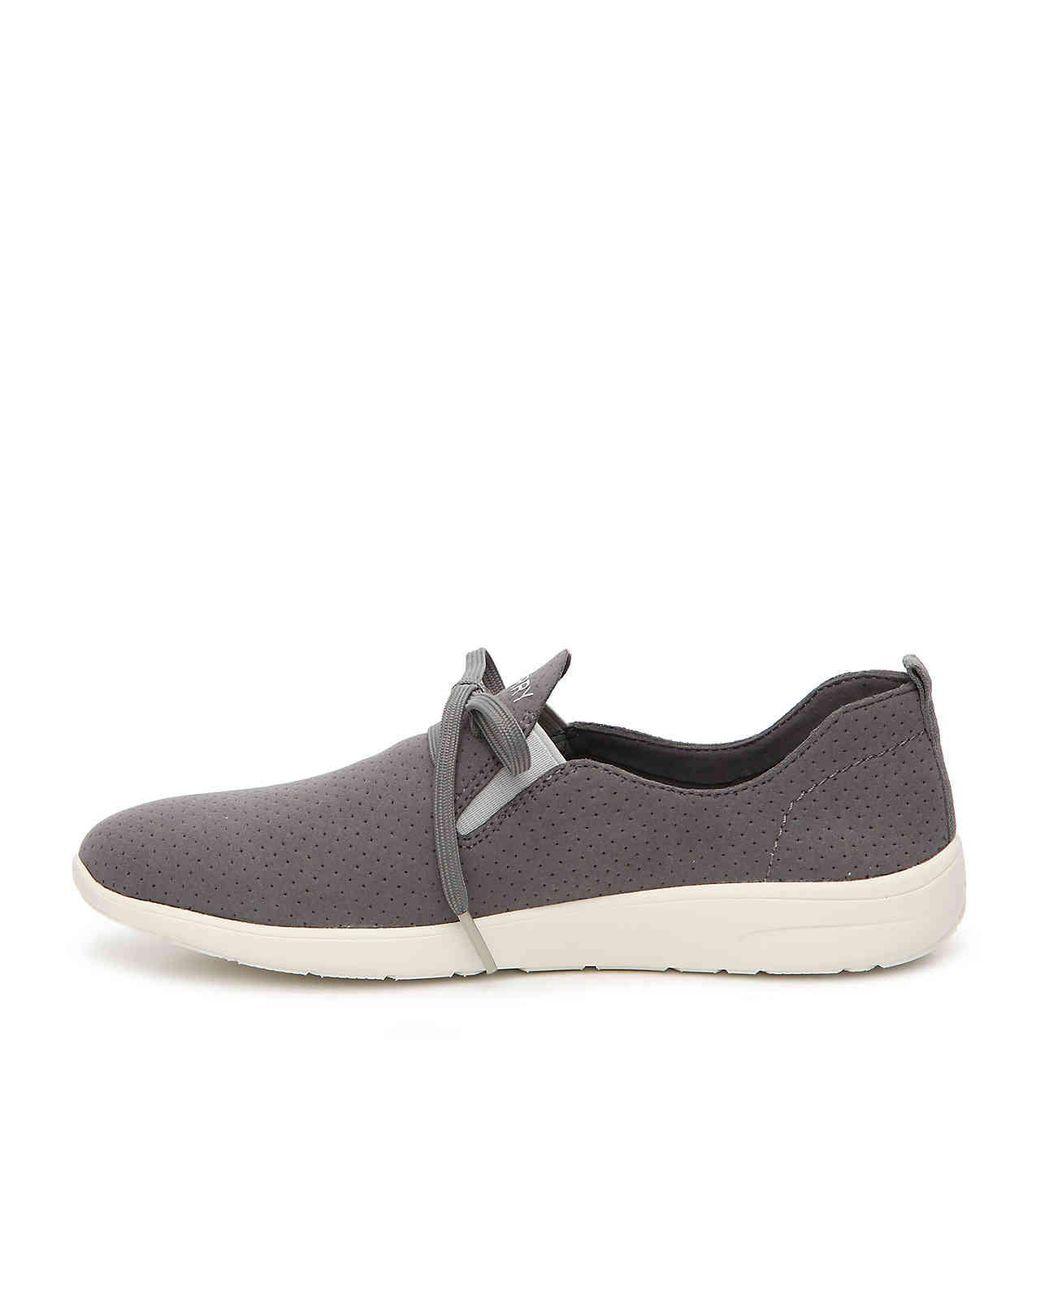 Rio Aqua Slip-on Sneaker in Grey